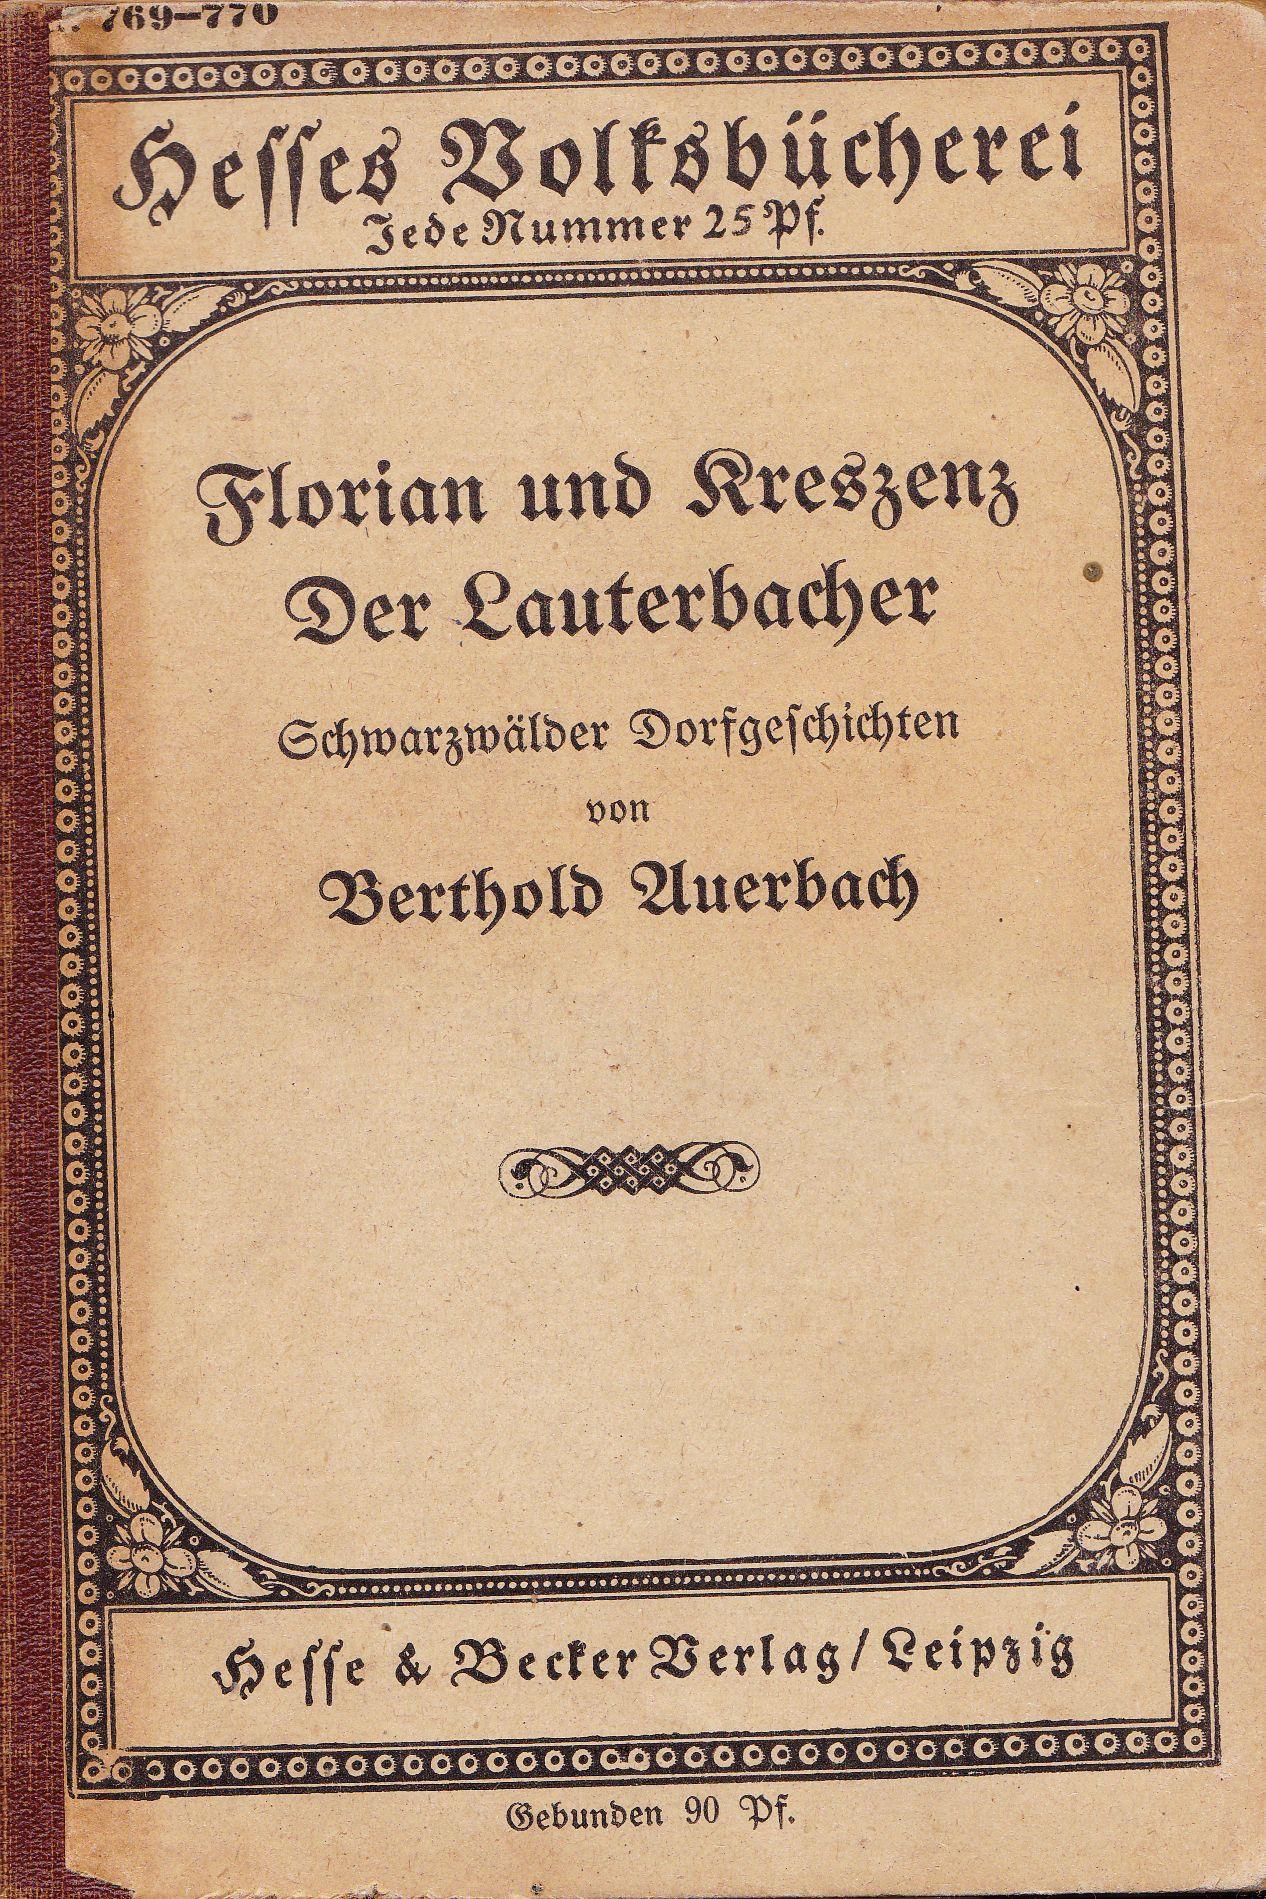 Florian und Kreszenz. Der Lauterbacher. Schwarzwälder Dorfgeschichten.: Auerbach, Berthold